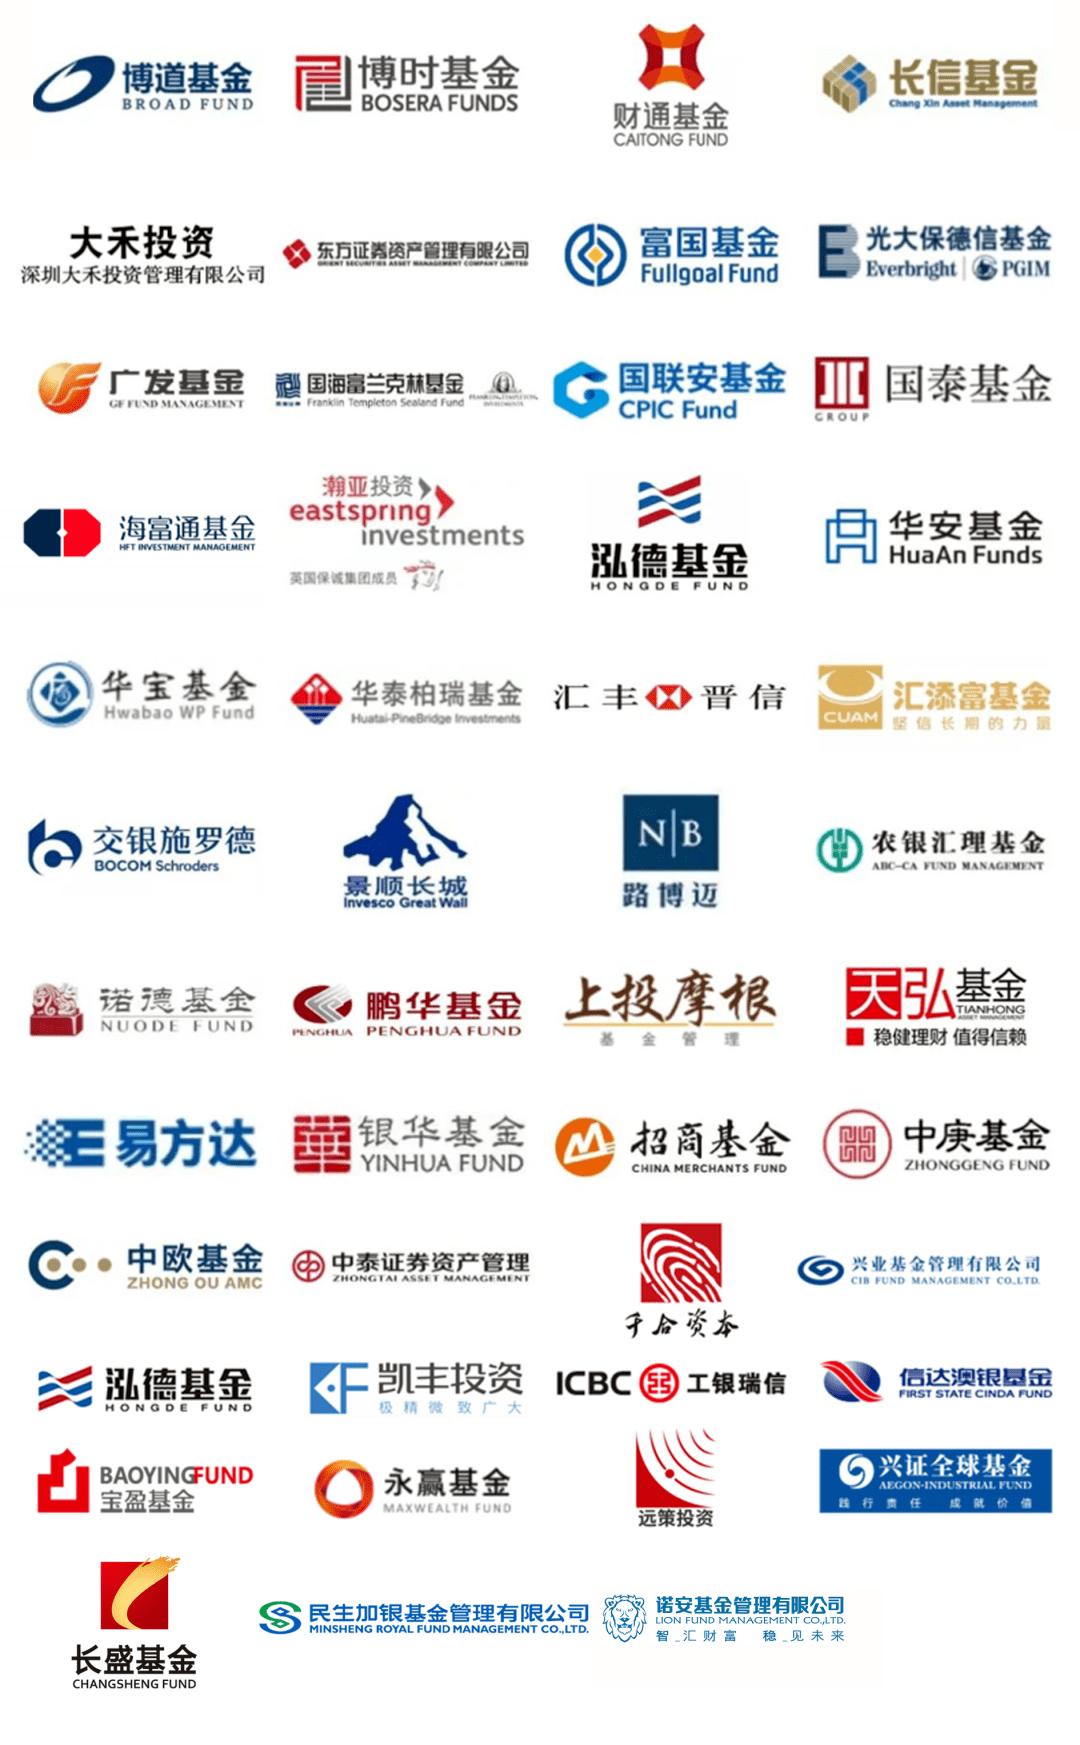 """招商基金王景:用""""木桶理论""""把握投资收益的可持续性"""